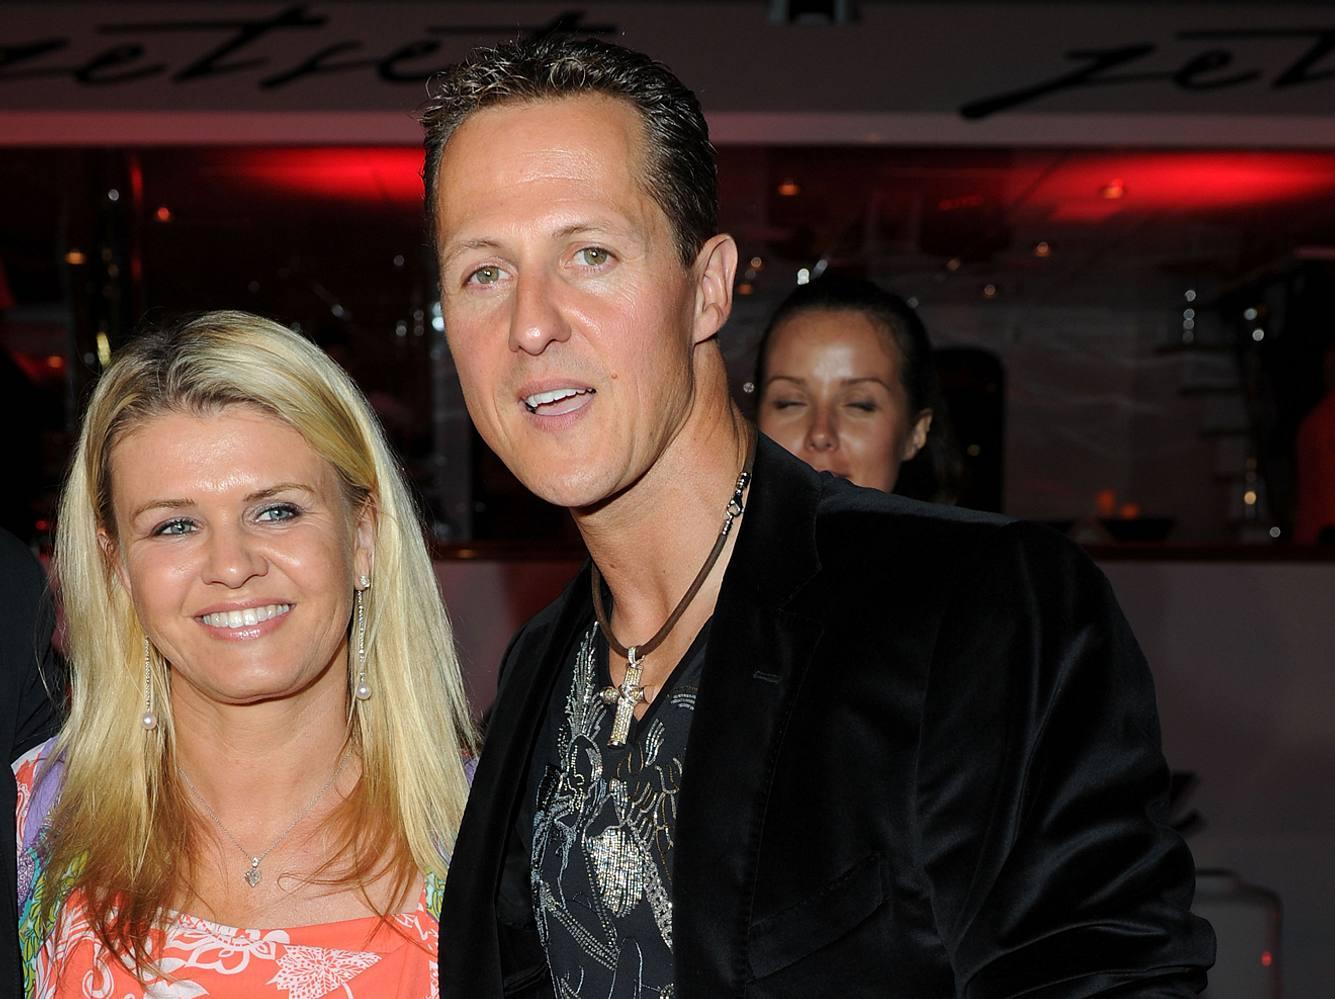 Corinna und Michael Schumacher verliebt auf einer Party.